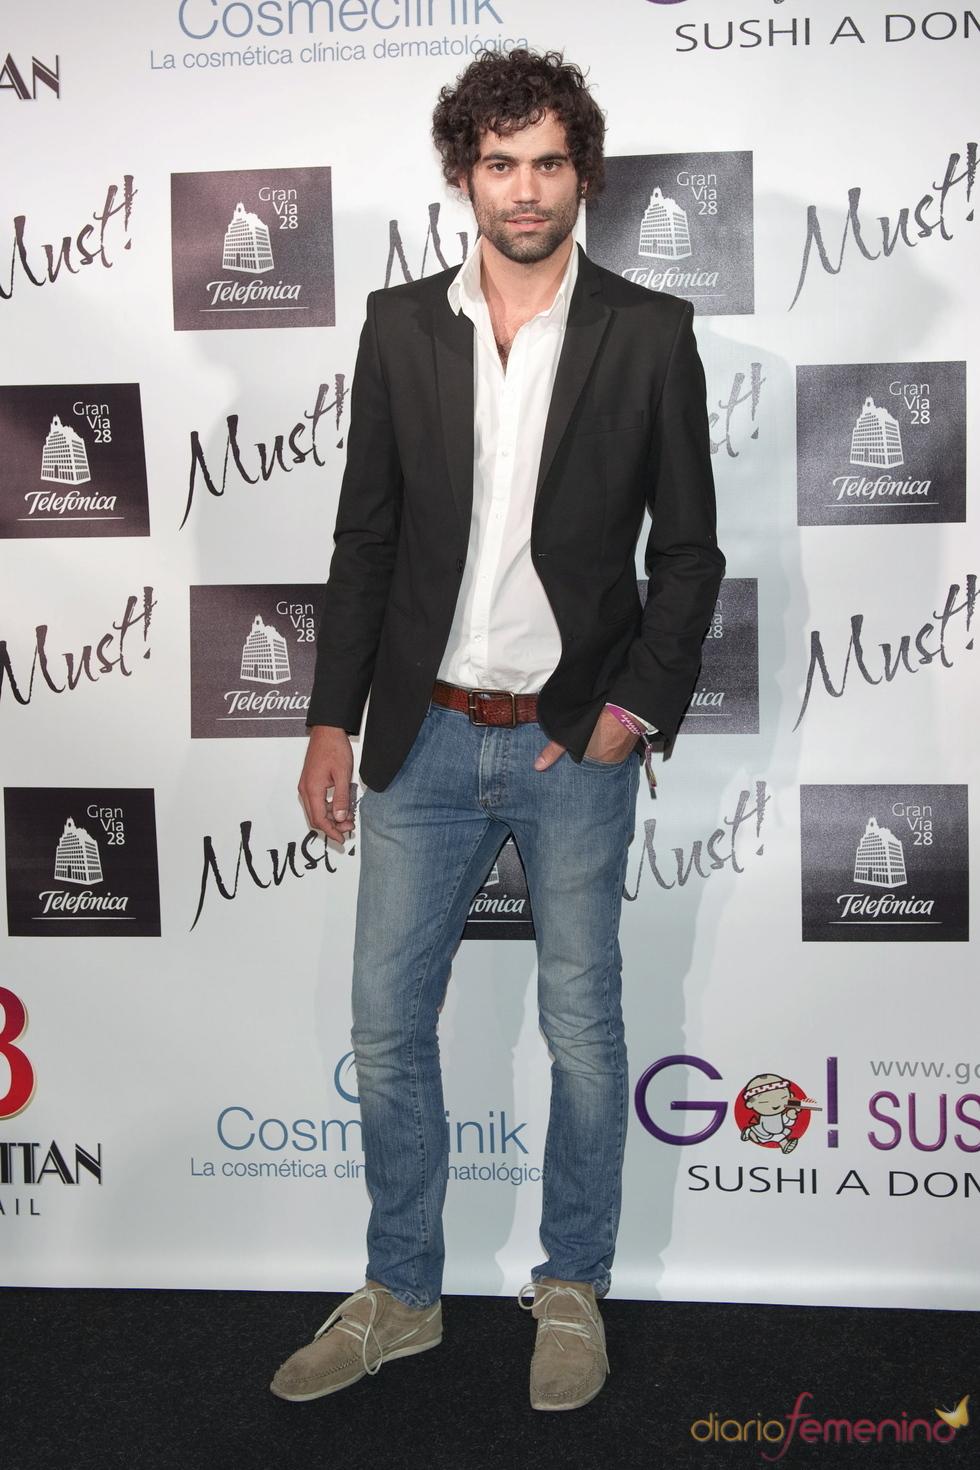 Jordi Mestre en la gala de los premios Must 2011